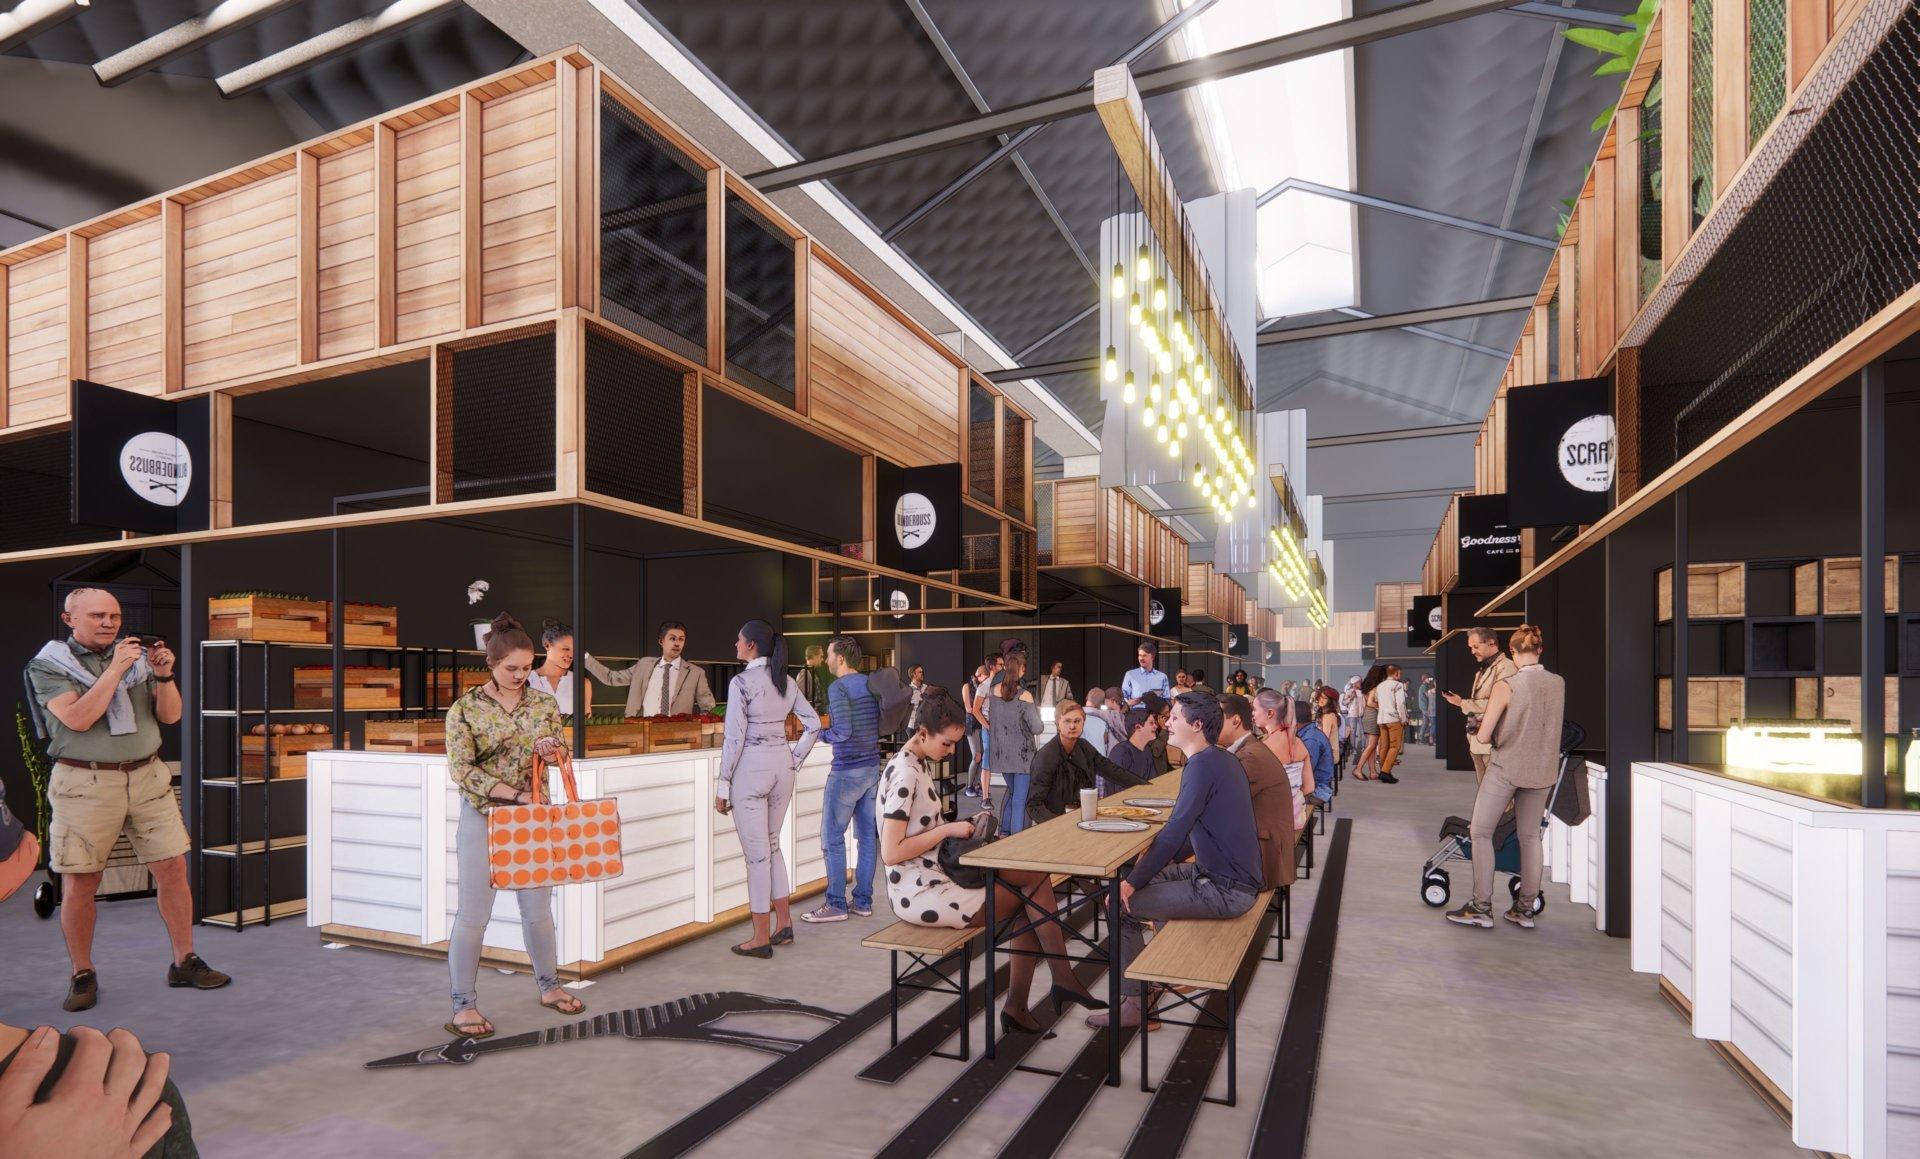 Major new West Australian attraction build underway